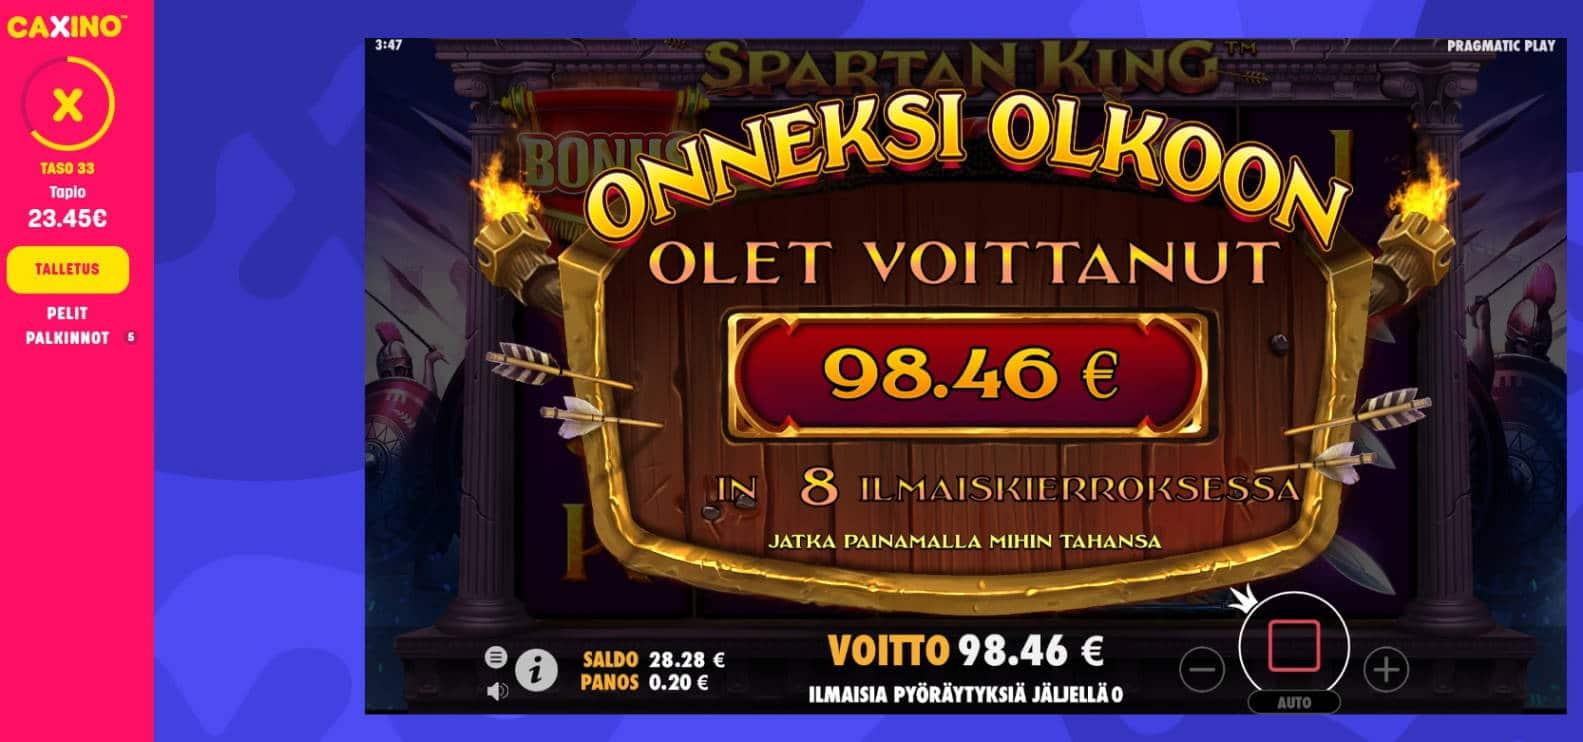 Spartan King Casino win picture by MrMork666 22.11.2020 98.46e 492x Caxino